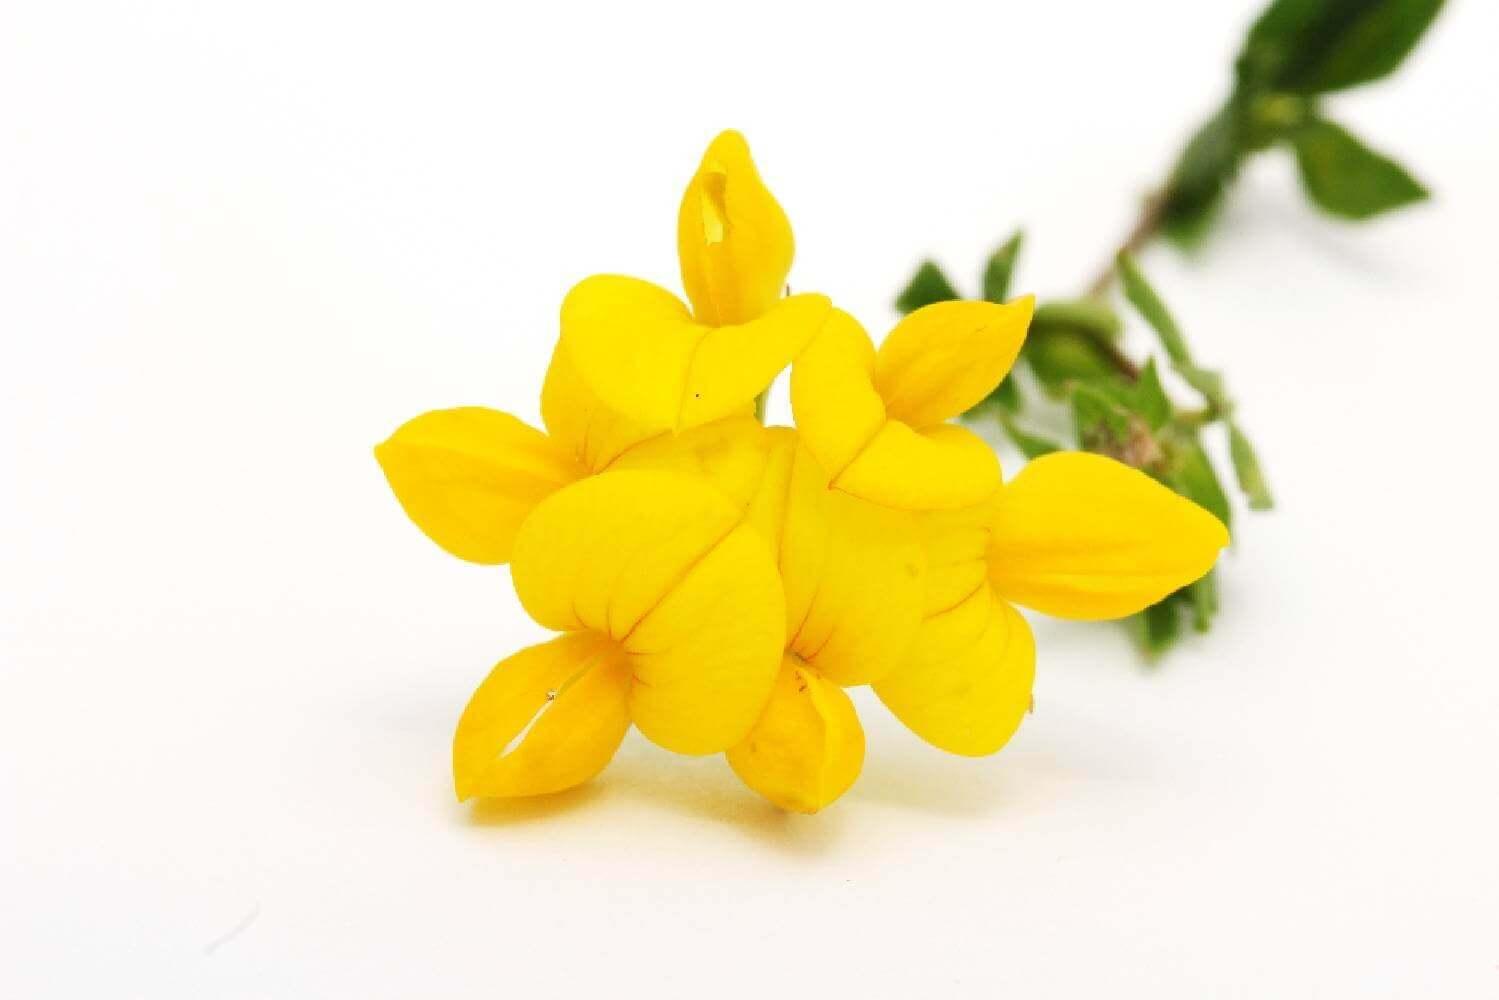 image de l'ingredient Lotier corniculé